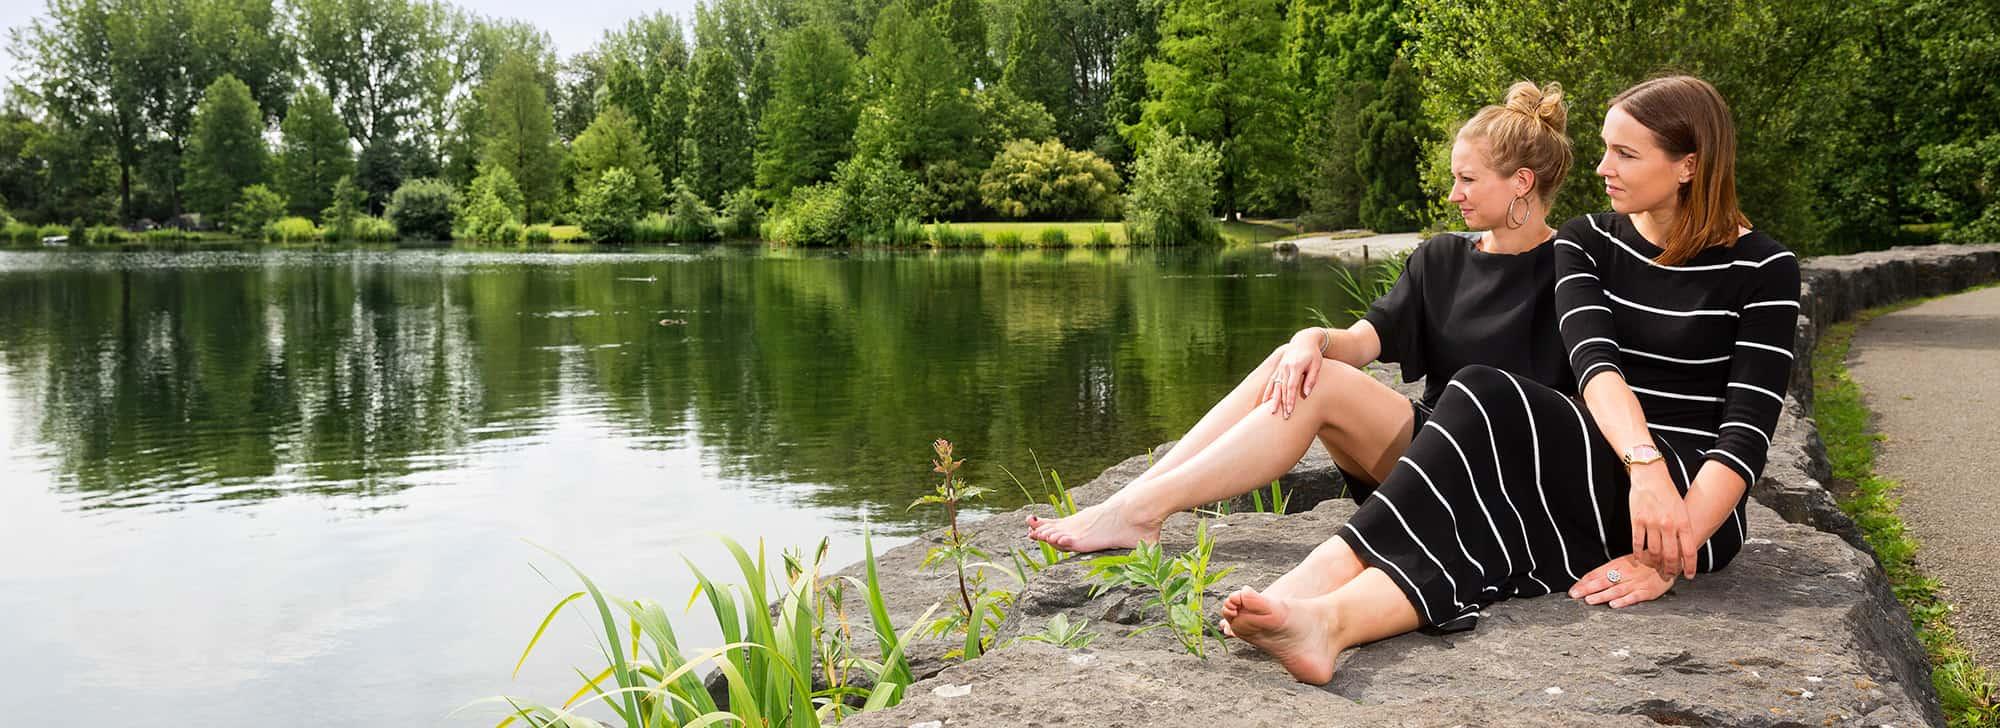 fotoshoot model Haarlemmermeerse Bos Hoofddorp